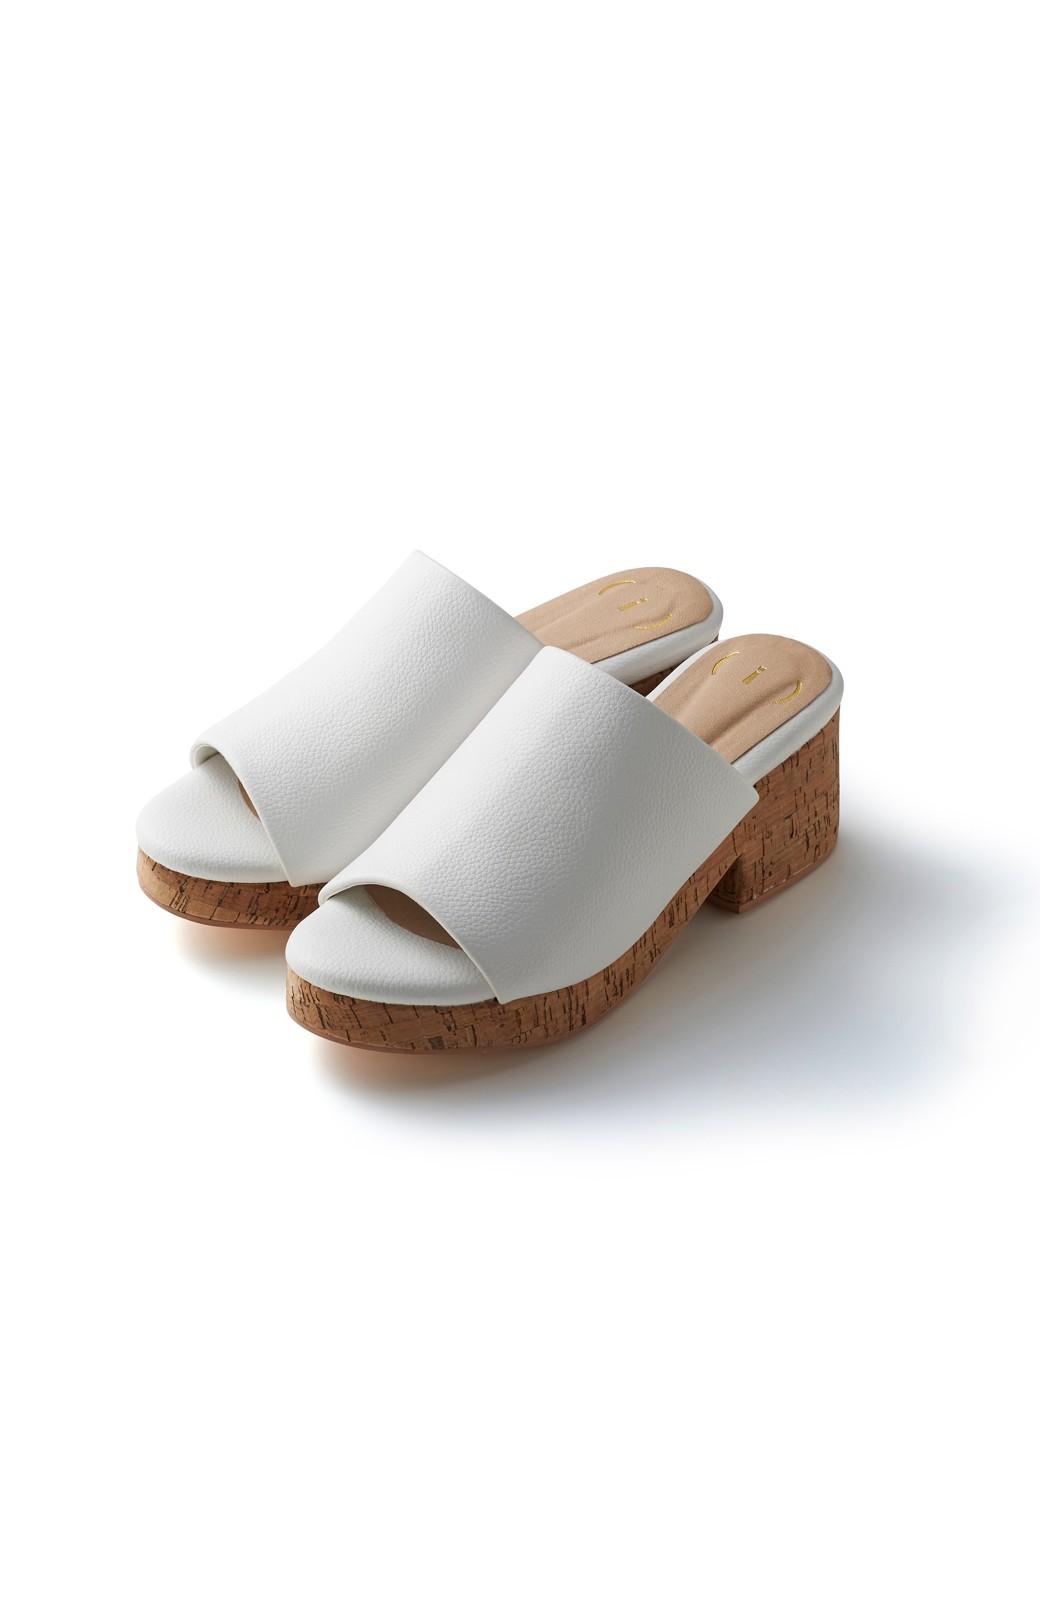 nusy 低&高反発で歩きやすい サボみたいにすぽっとはけるオープントゥサンダル <ホワイト>の商品写真1